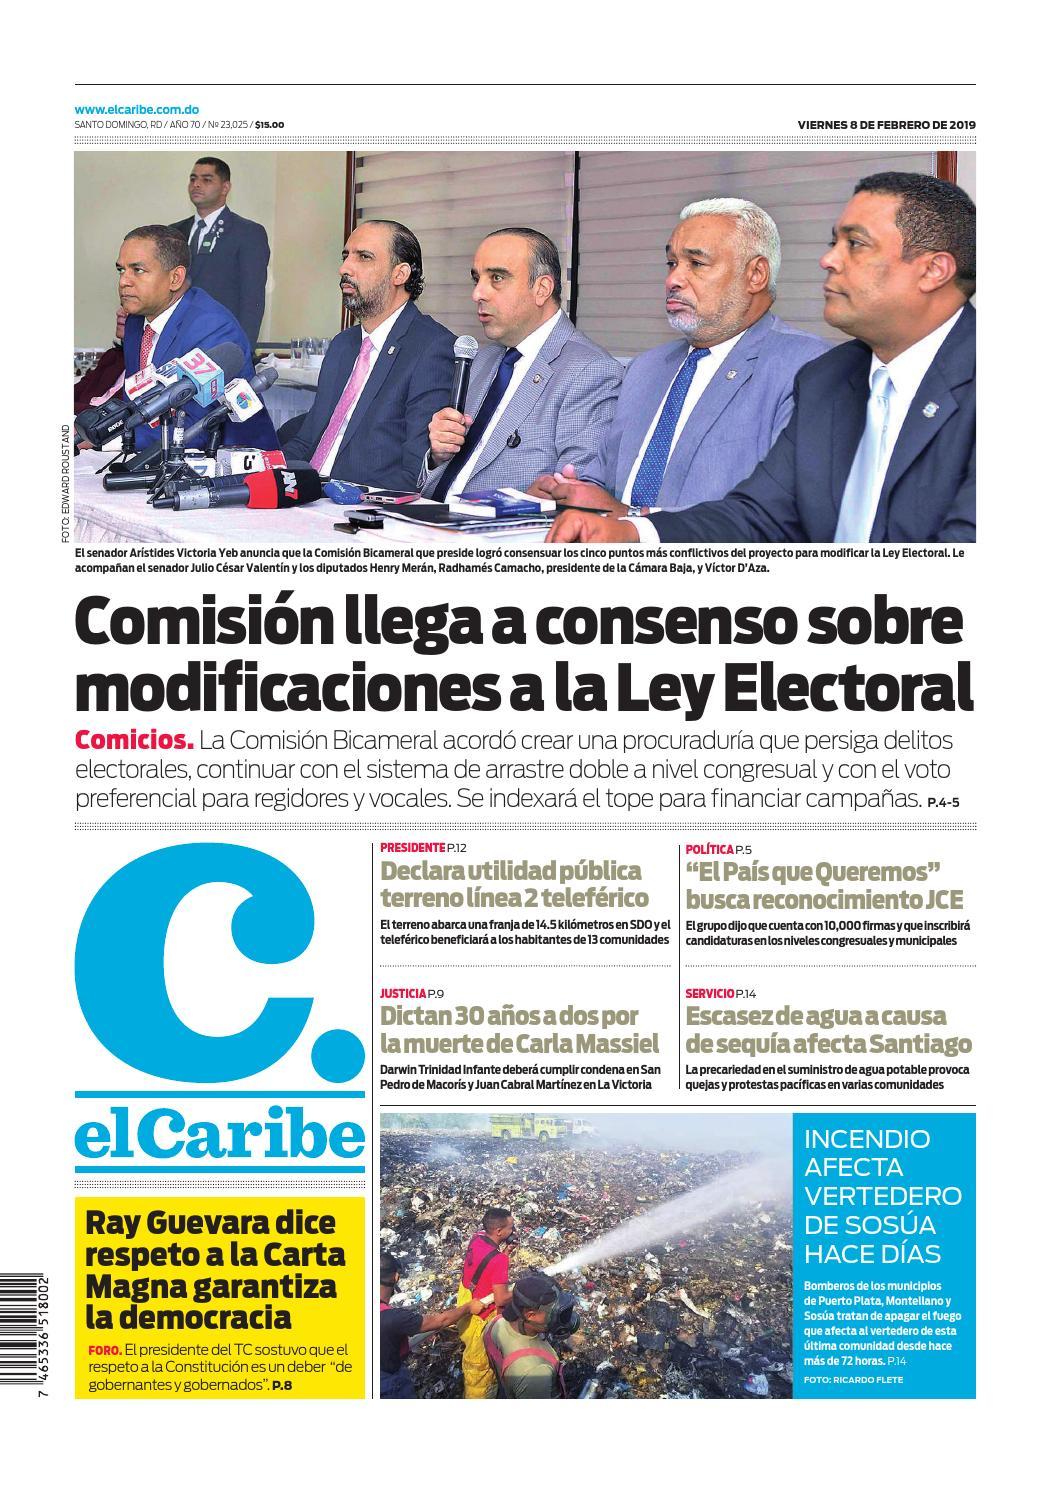 Portada Periódico El Caribe, Sábado 09 de Febrero 2019